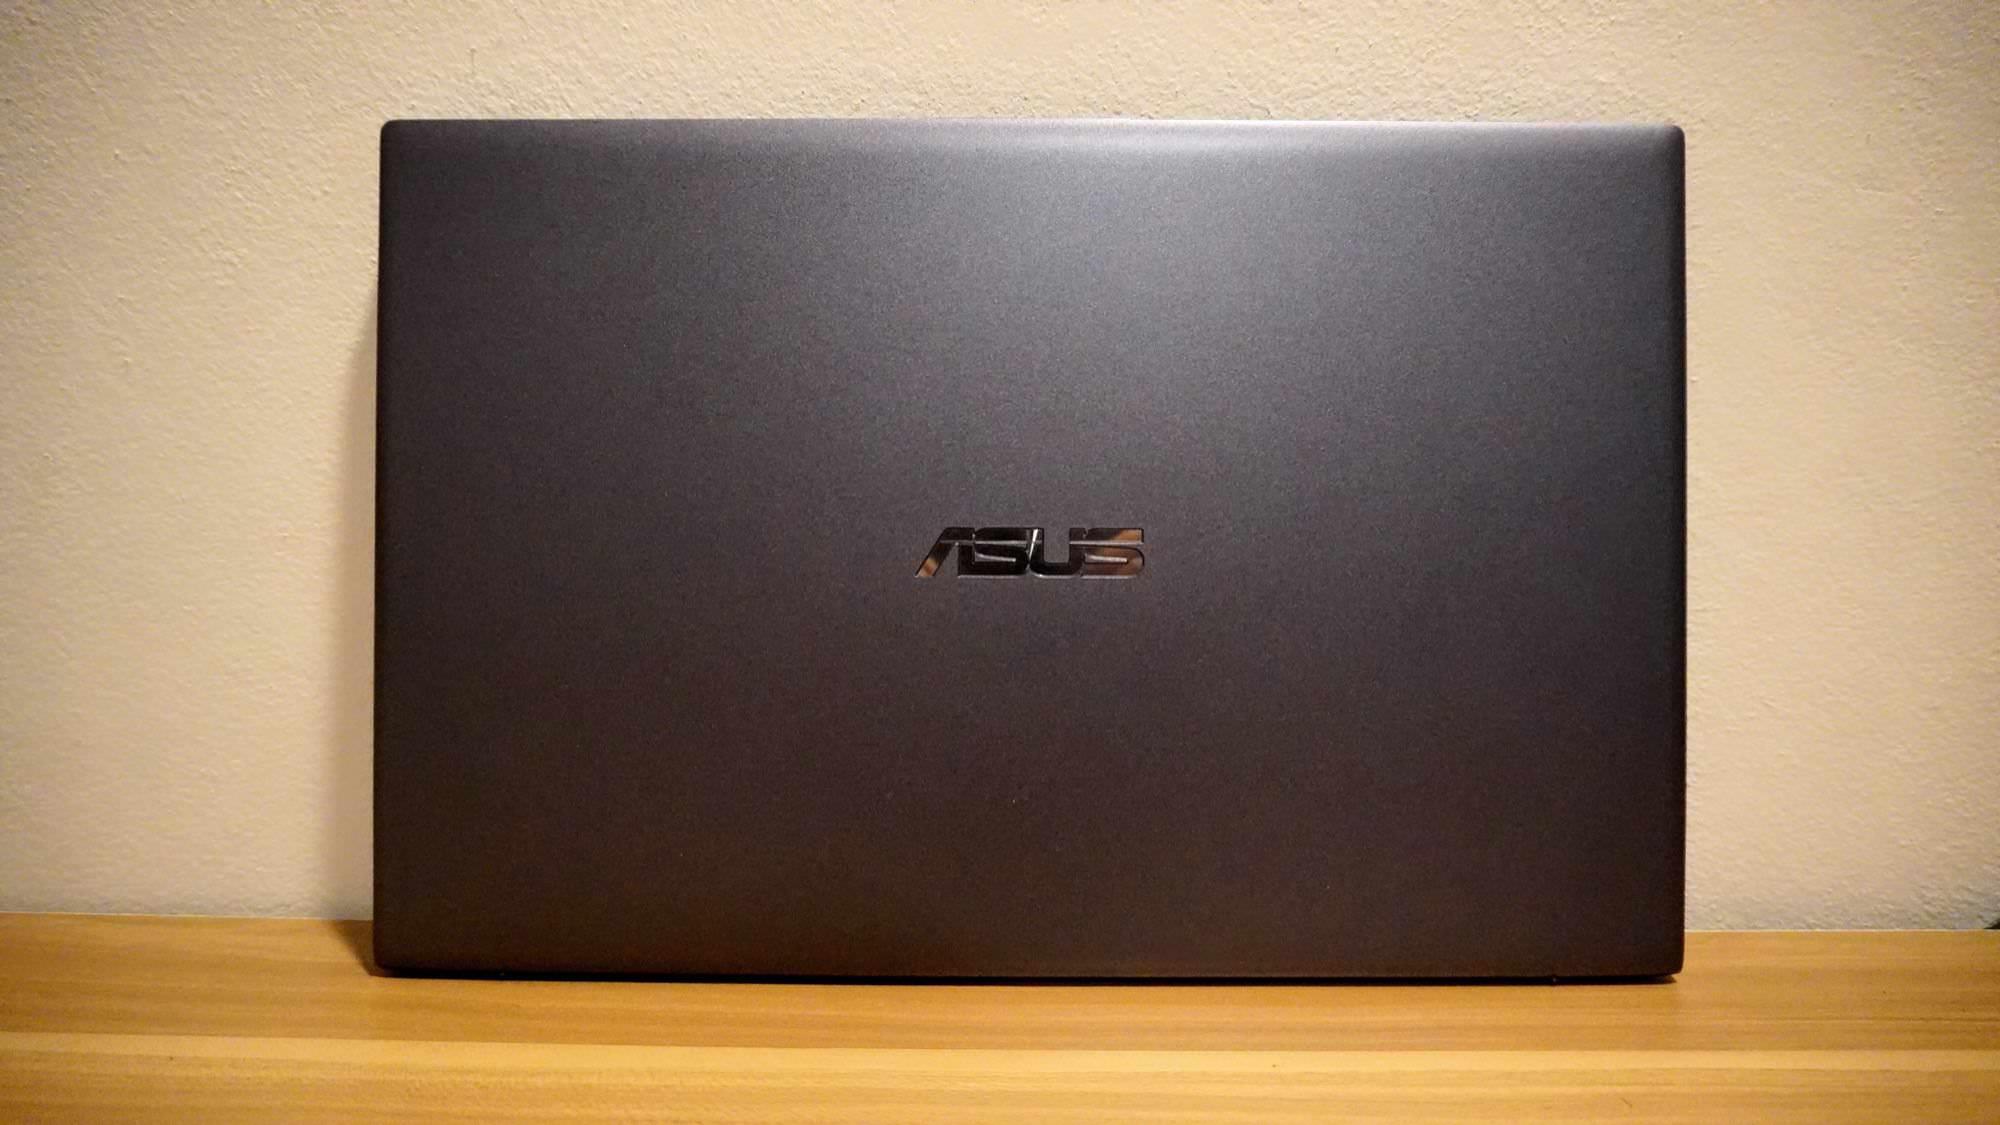 - รีวิว ASUS VivoBook 14 X412 งบหมื่นต้นได้ FHD, SSD+HDD, Intel เครื่องบางเบา